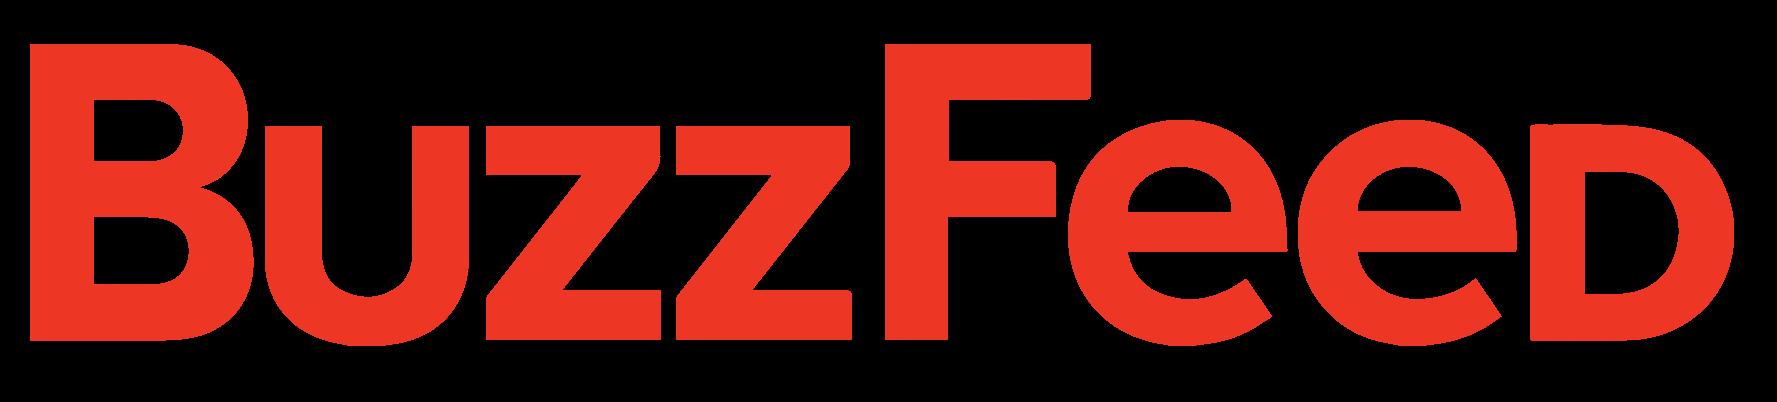 BuzzFeed-Logo-2